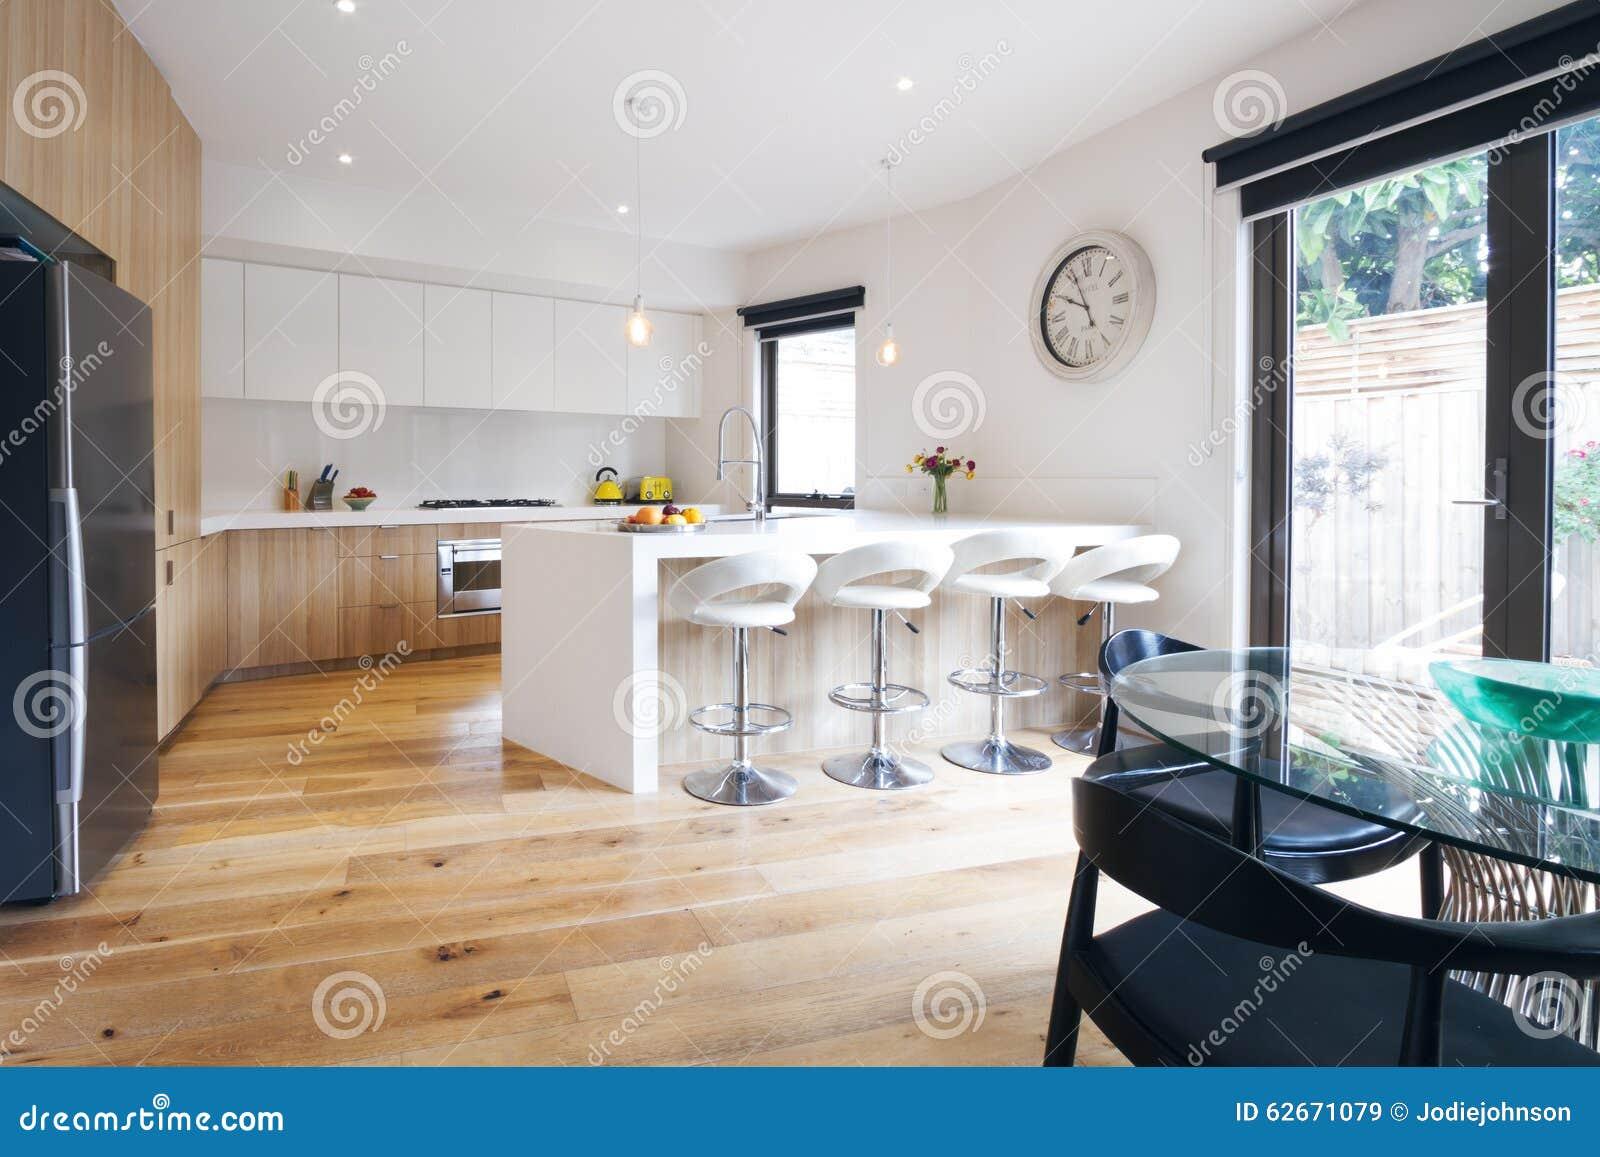 Cozinha De Plano Aberto Moderna Com Banco Da Ilha Imagem De Stock